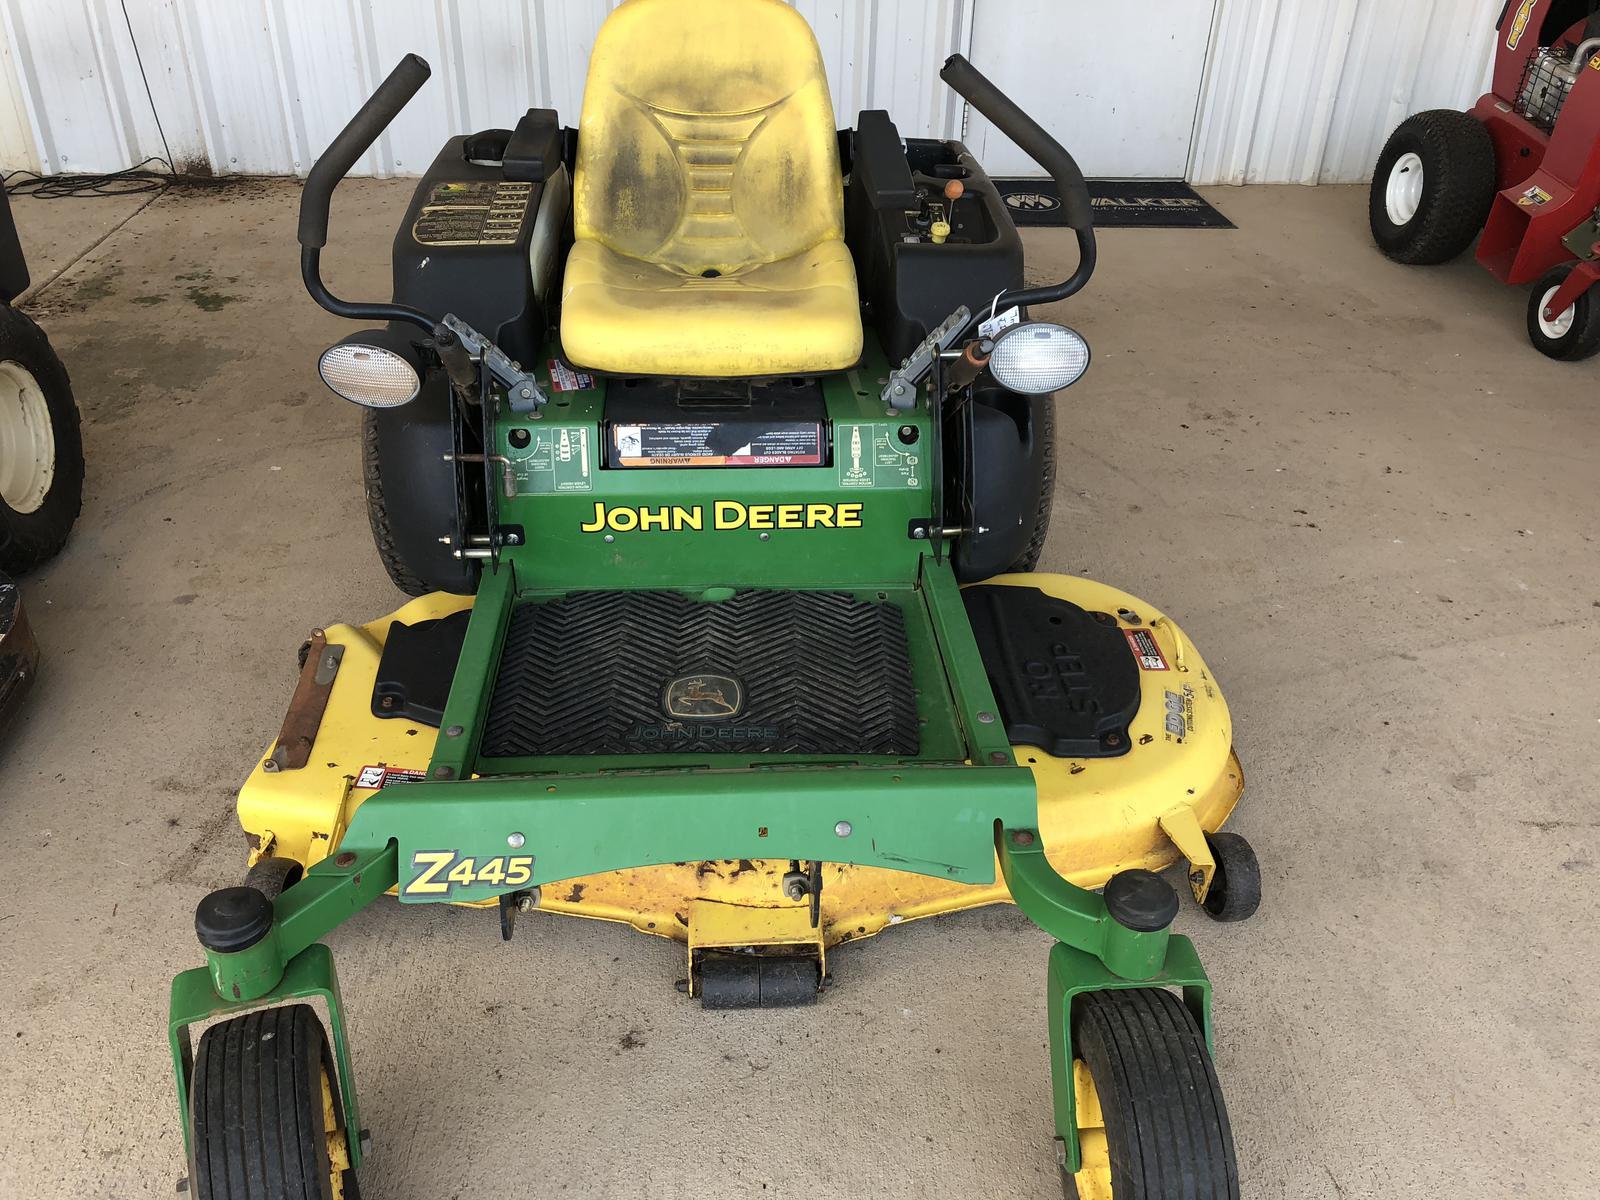 John Deere Z445 For Sale In Talladega Al Tractor 256. John Deere Z445 For Sale In Talladega Al Tractor 256 3626113. John Deere. Z445 John Deere Lawn Tractor Parts Diagram At Scoala.co